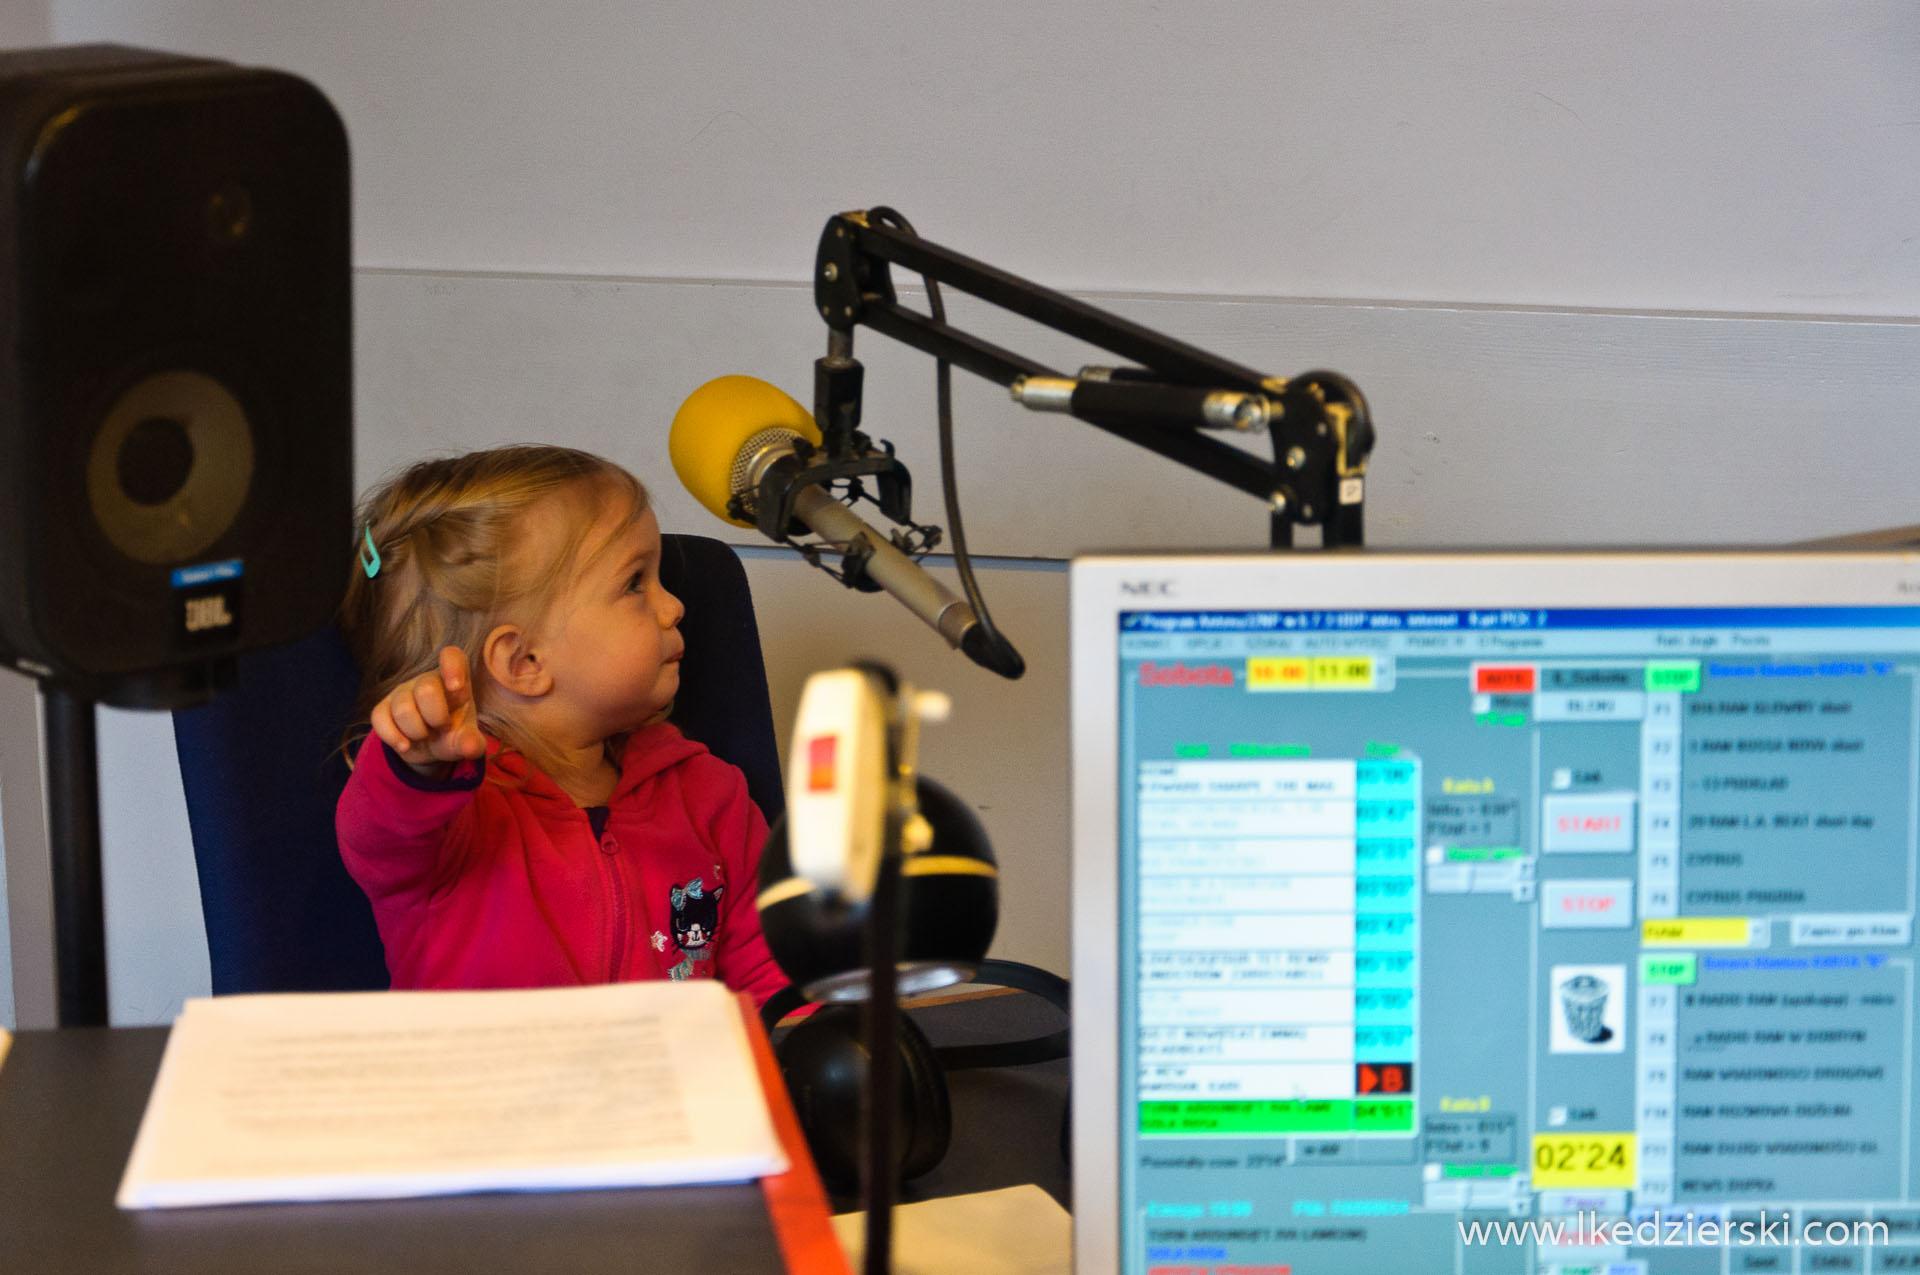 Nadia w podróży jako radiowiec